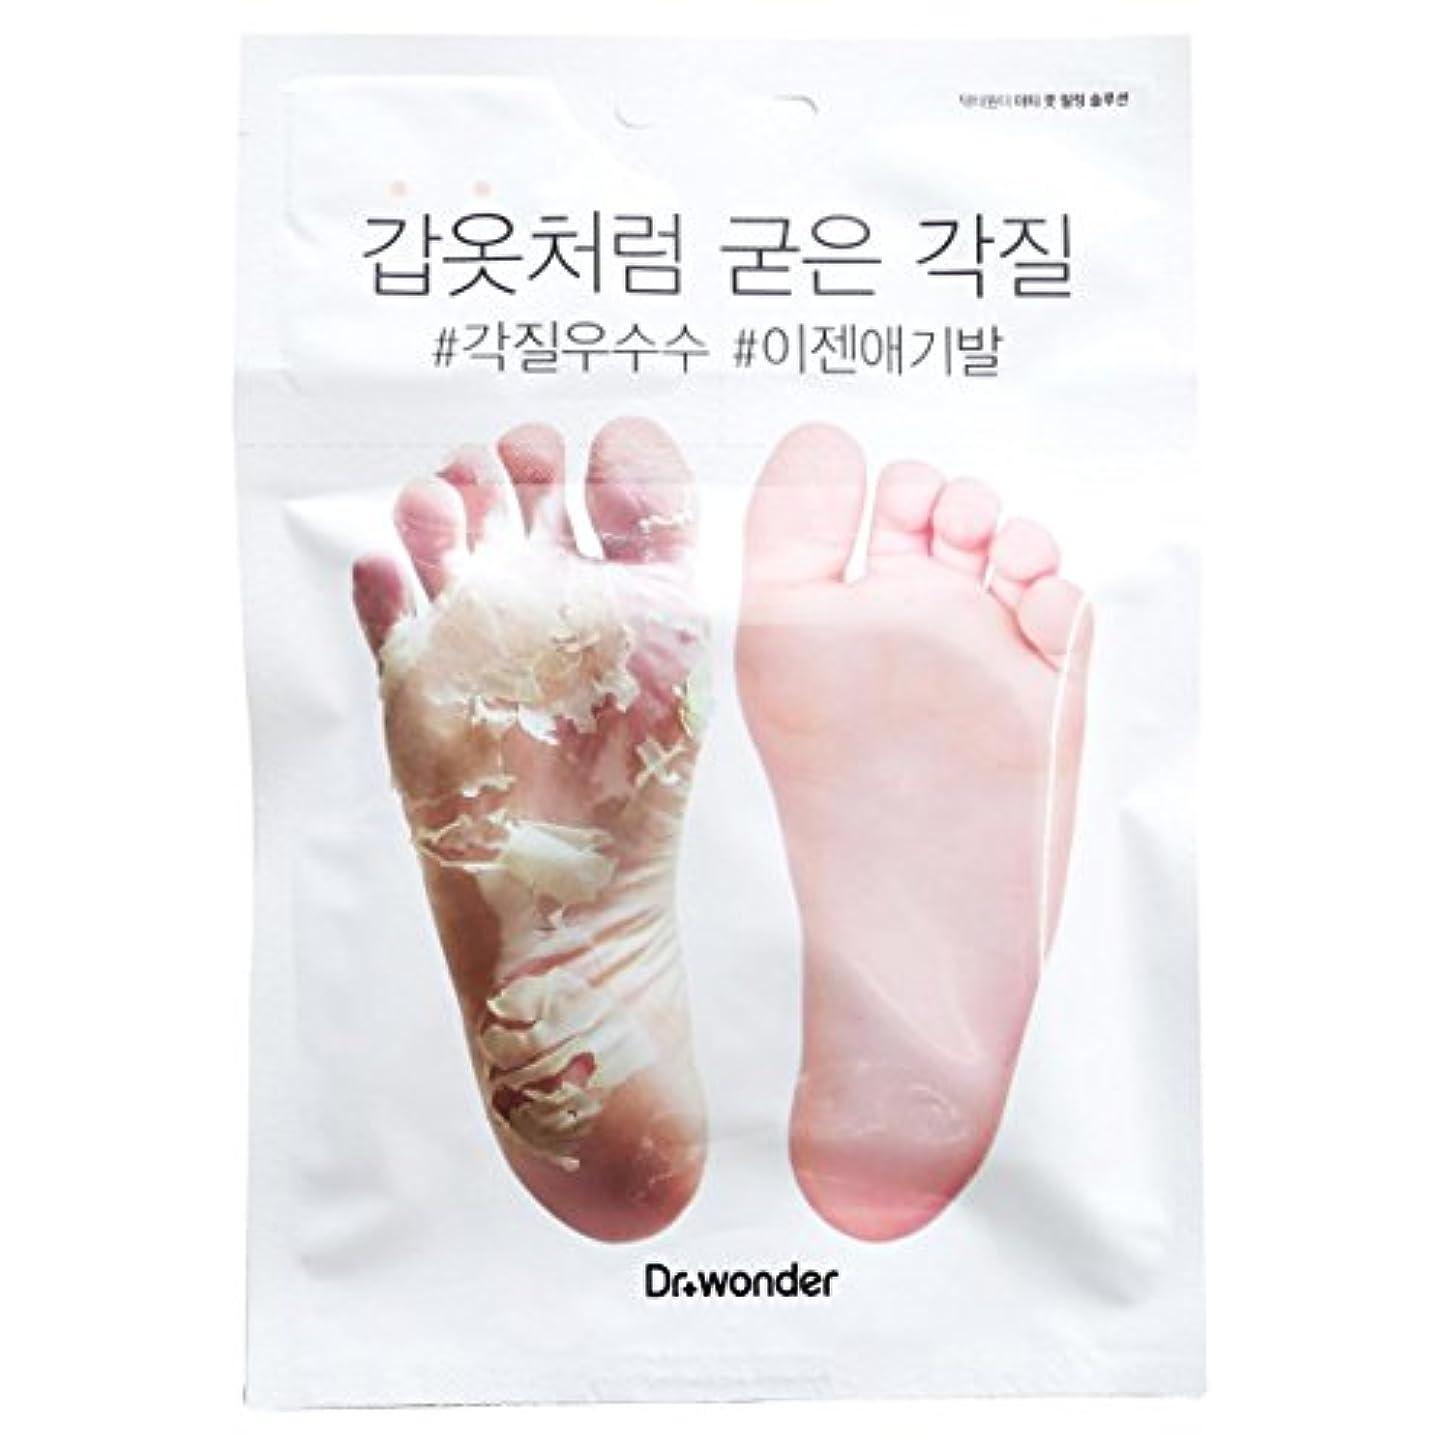 千商人適用する[ドクターワンダー/ Dr+ wonder] Good Bye, Dirty Foot! Doctor Wonder Crocodile Foot Mask Pack / ドクターワンダーワニバルペク/鎧のような硬い角質...